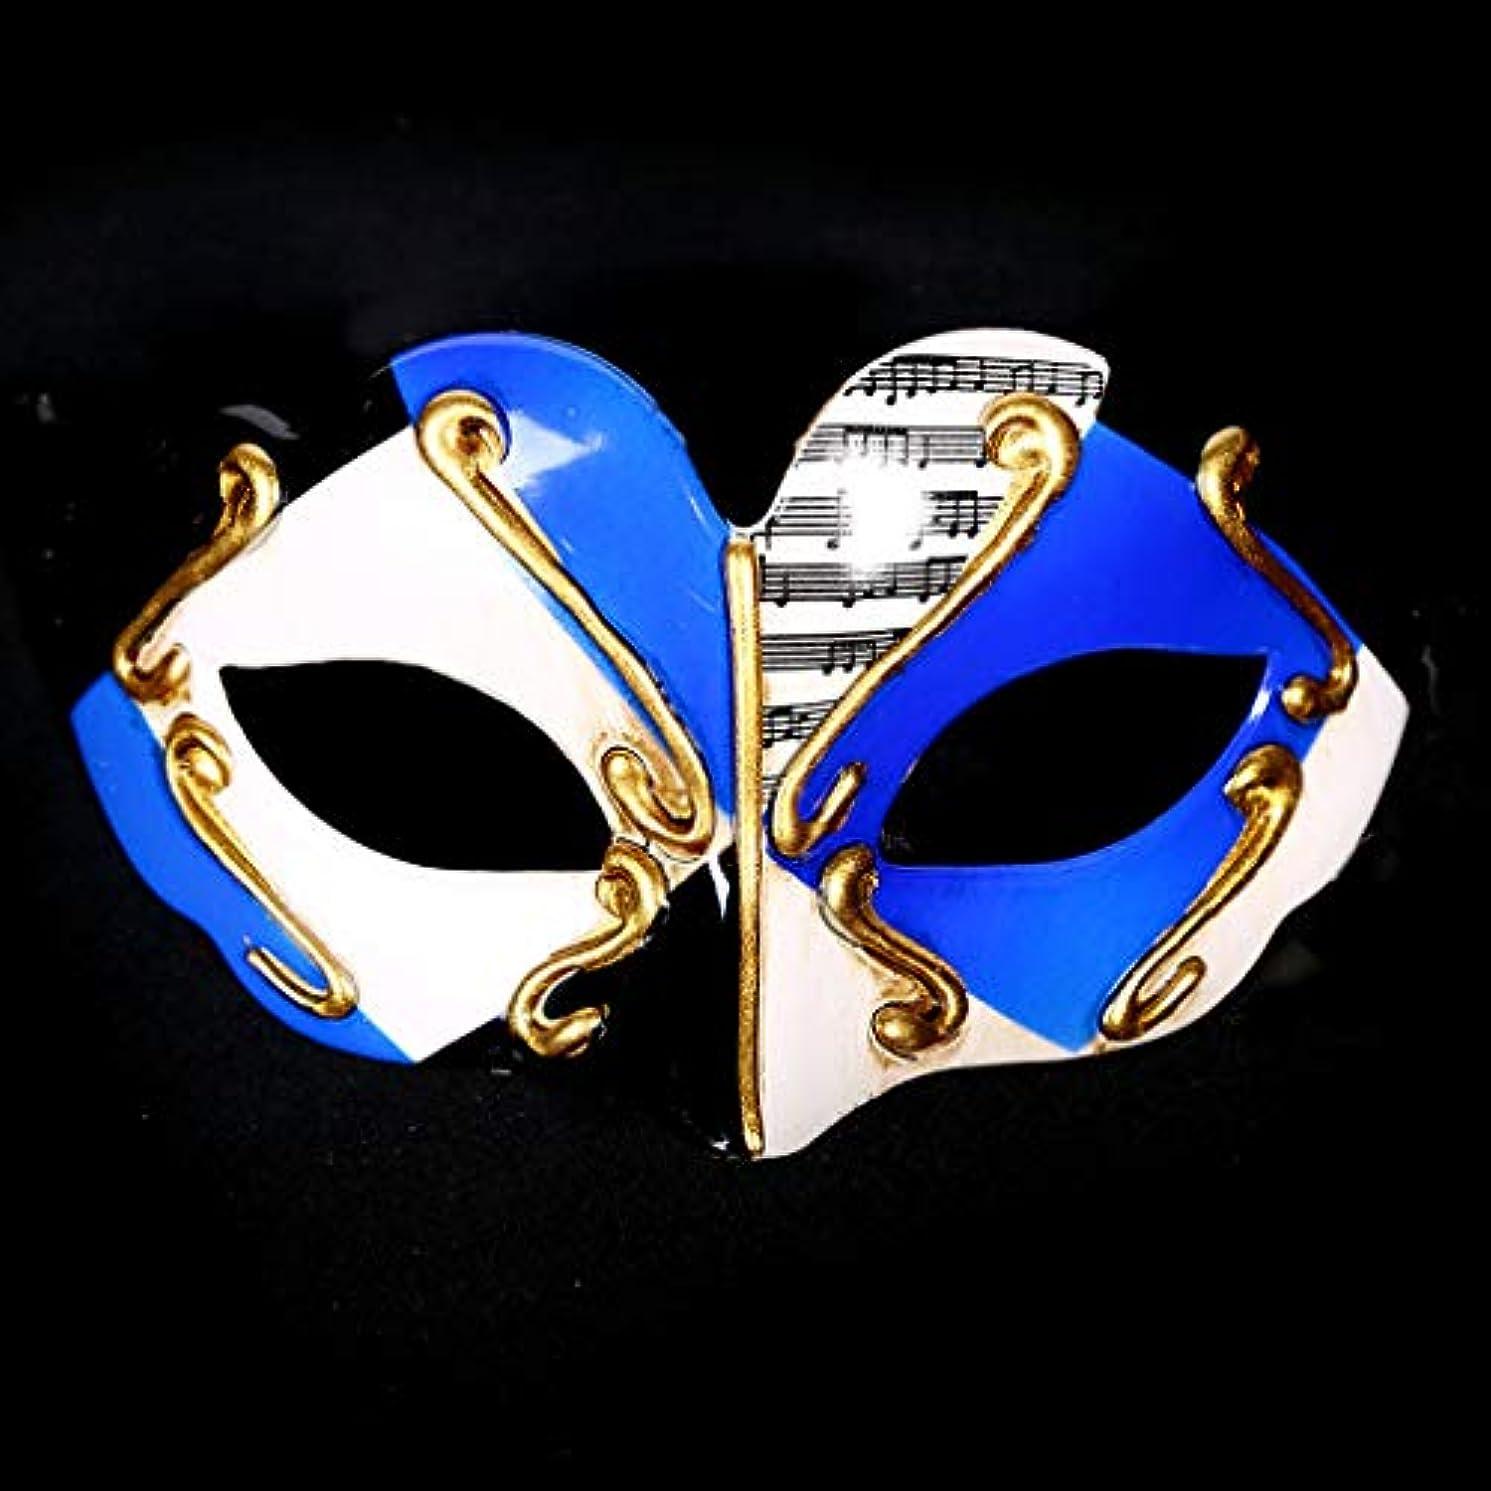 上院議員本物のお香ハロウィンマスクヴェネツィア仮装ハーフフェイスプラスチック子供アダルトマスクコスチュームプロップ (Color : BLUE)